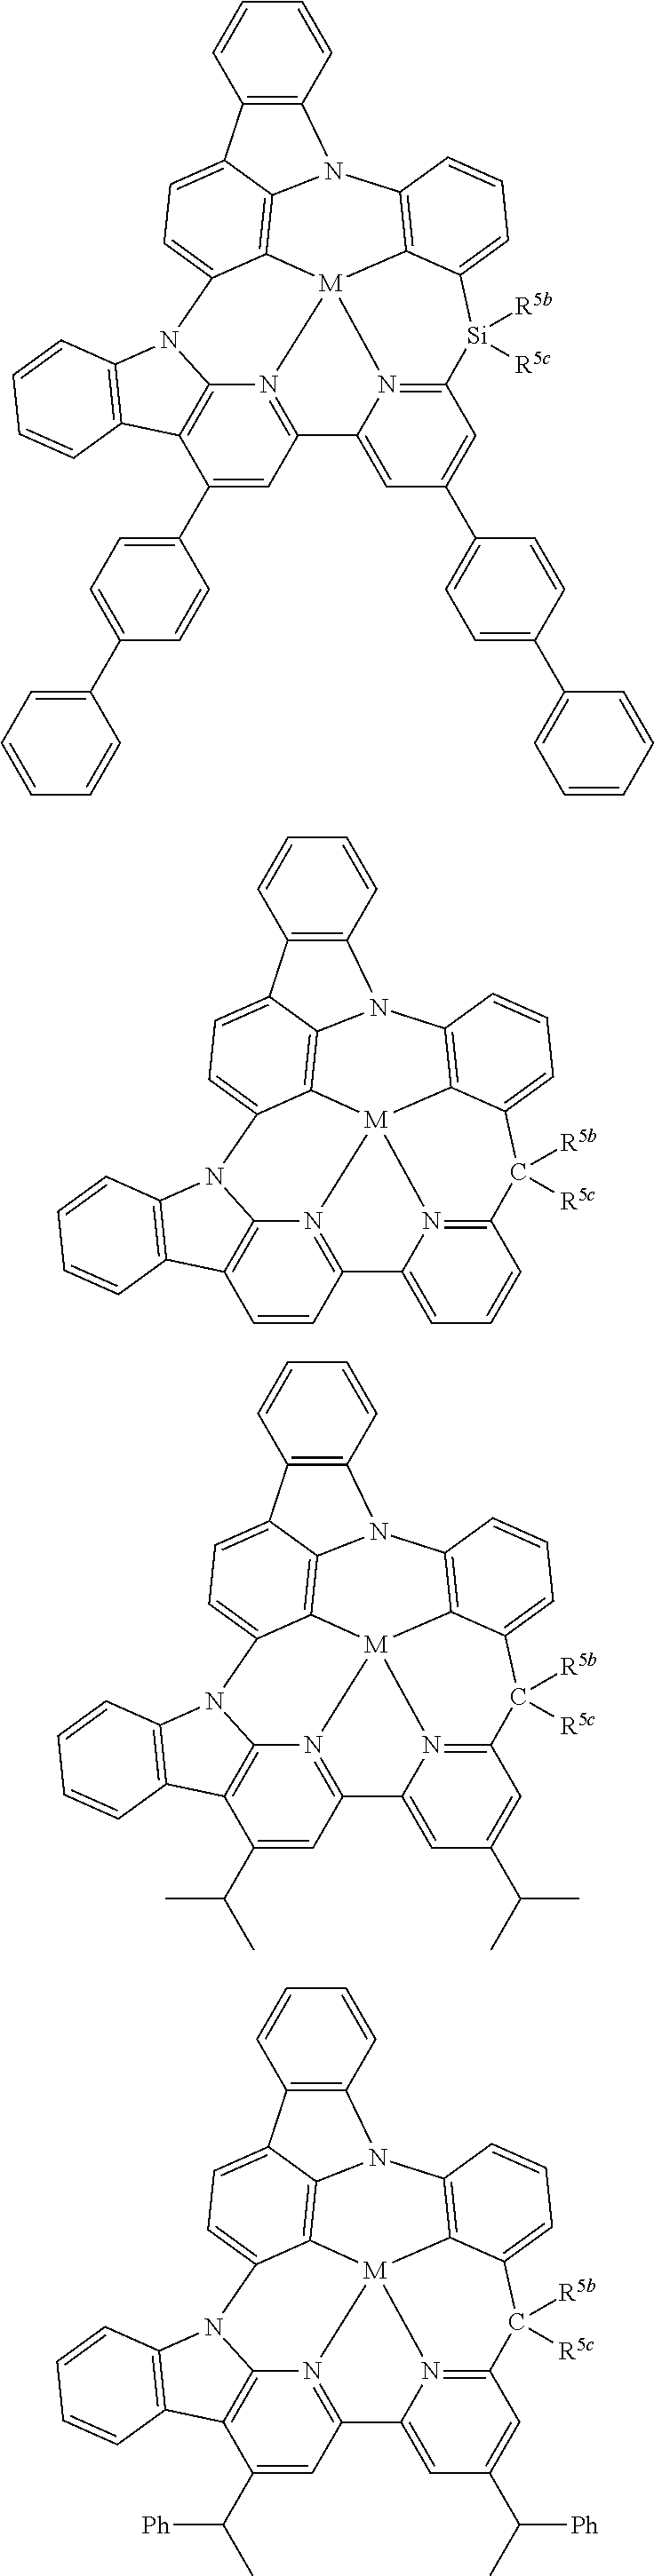 Figure US10158091-20181218-C00251